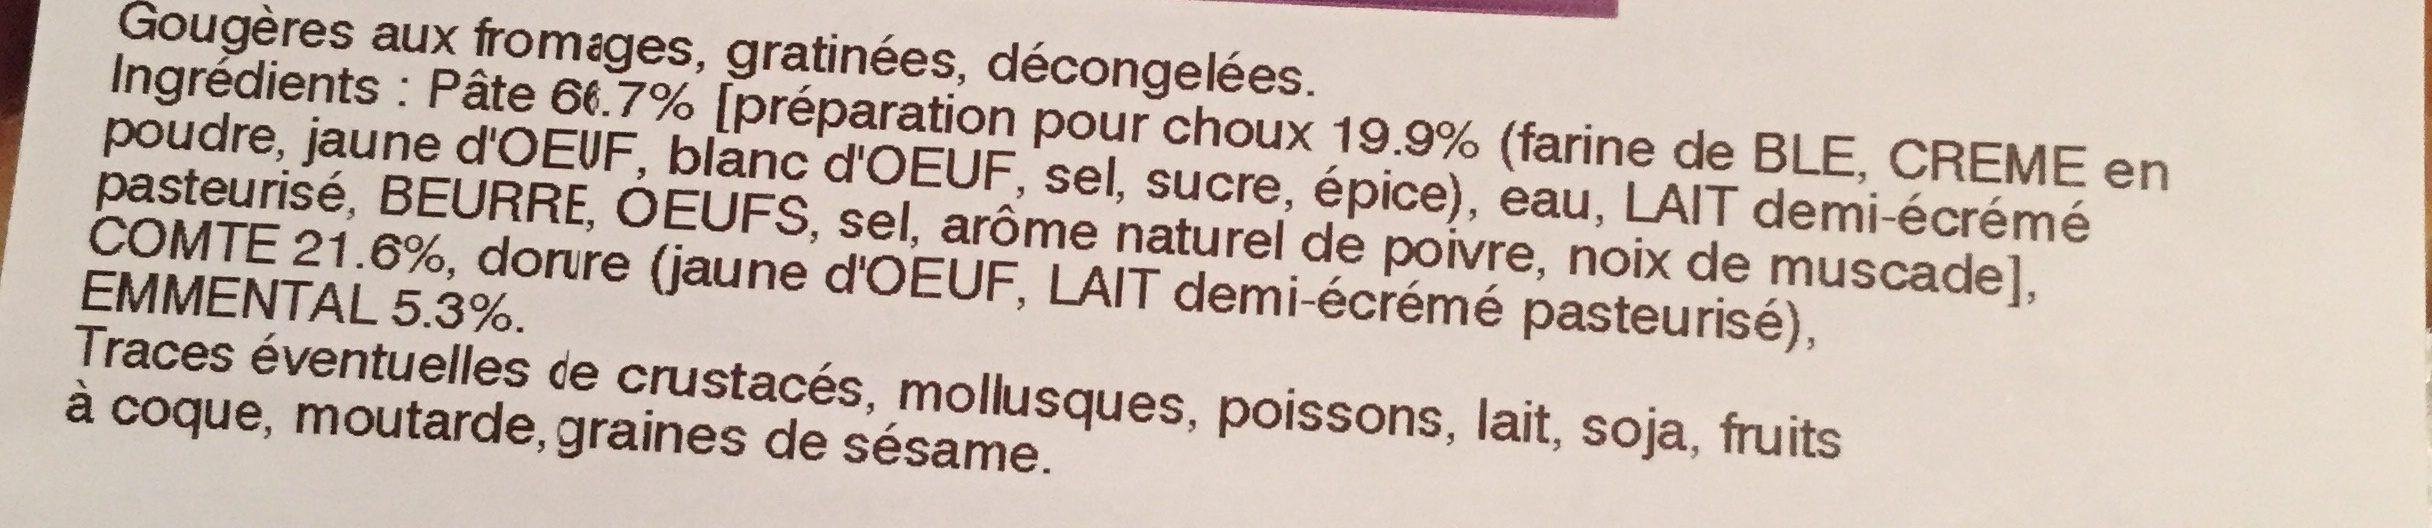 Gougeres gratinees fromage - Ingrediënten